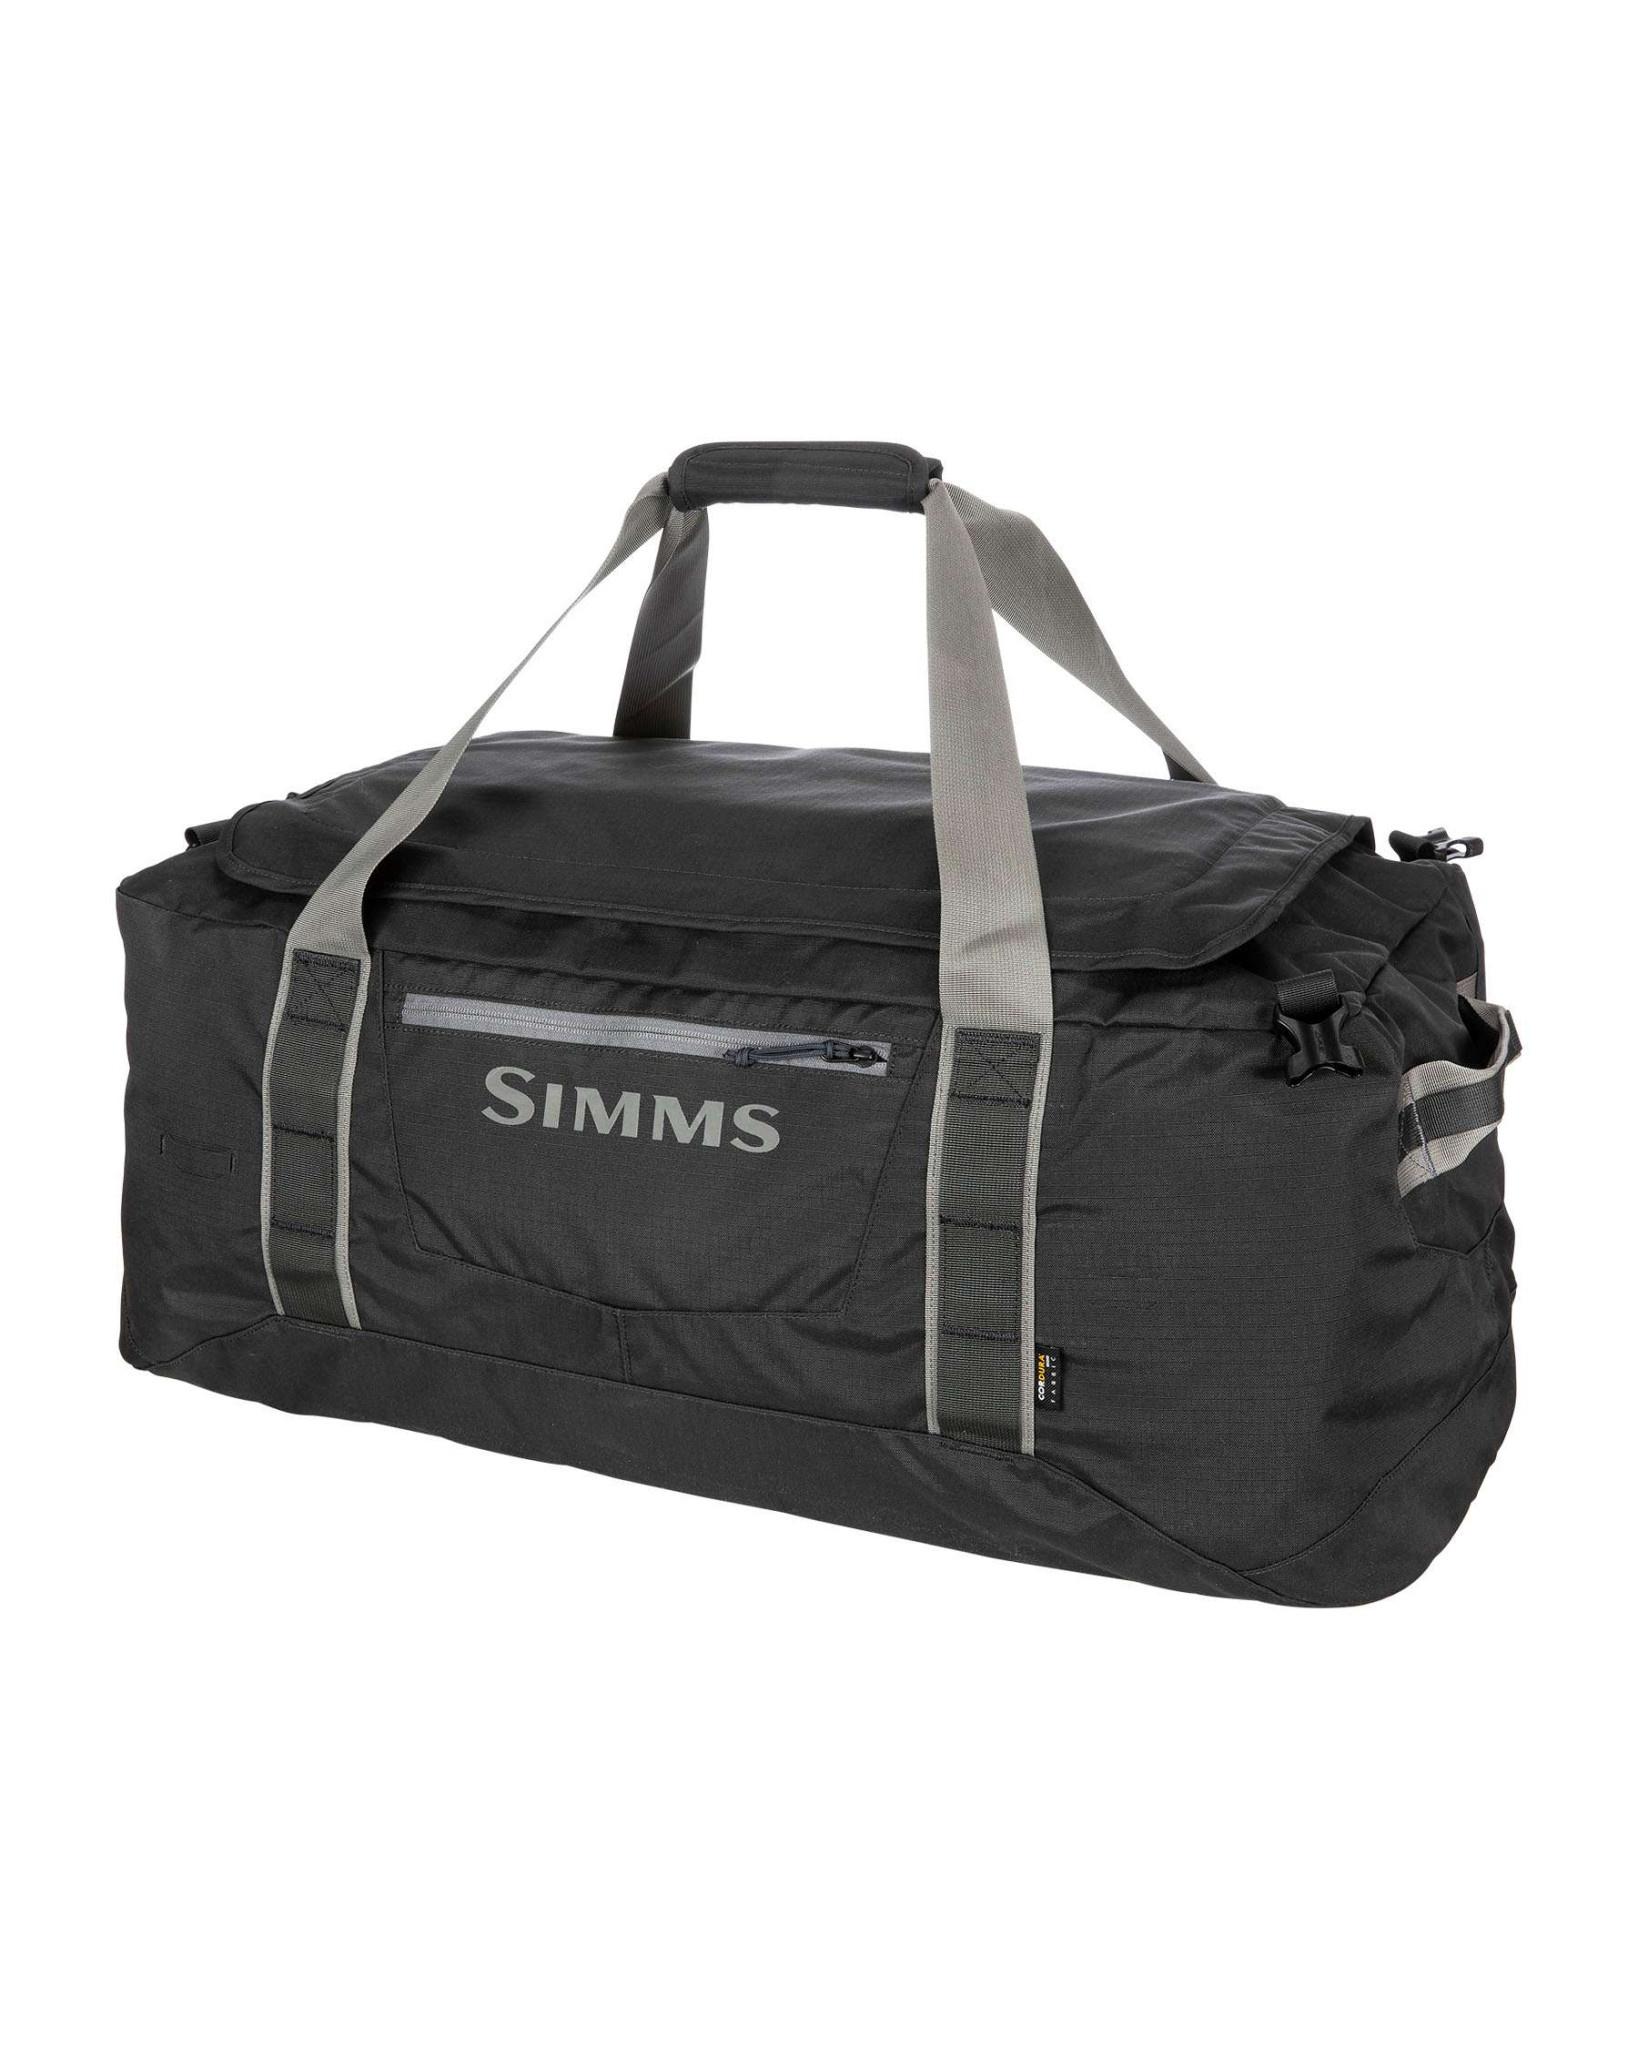 Simms GTS Gear Duffel 80L, Carbon